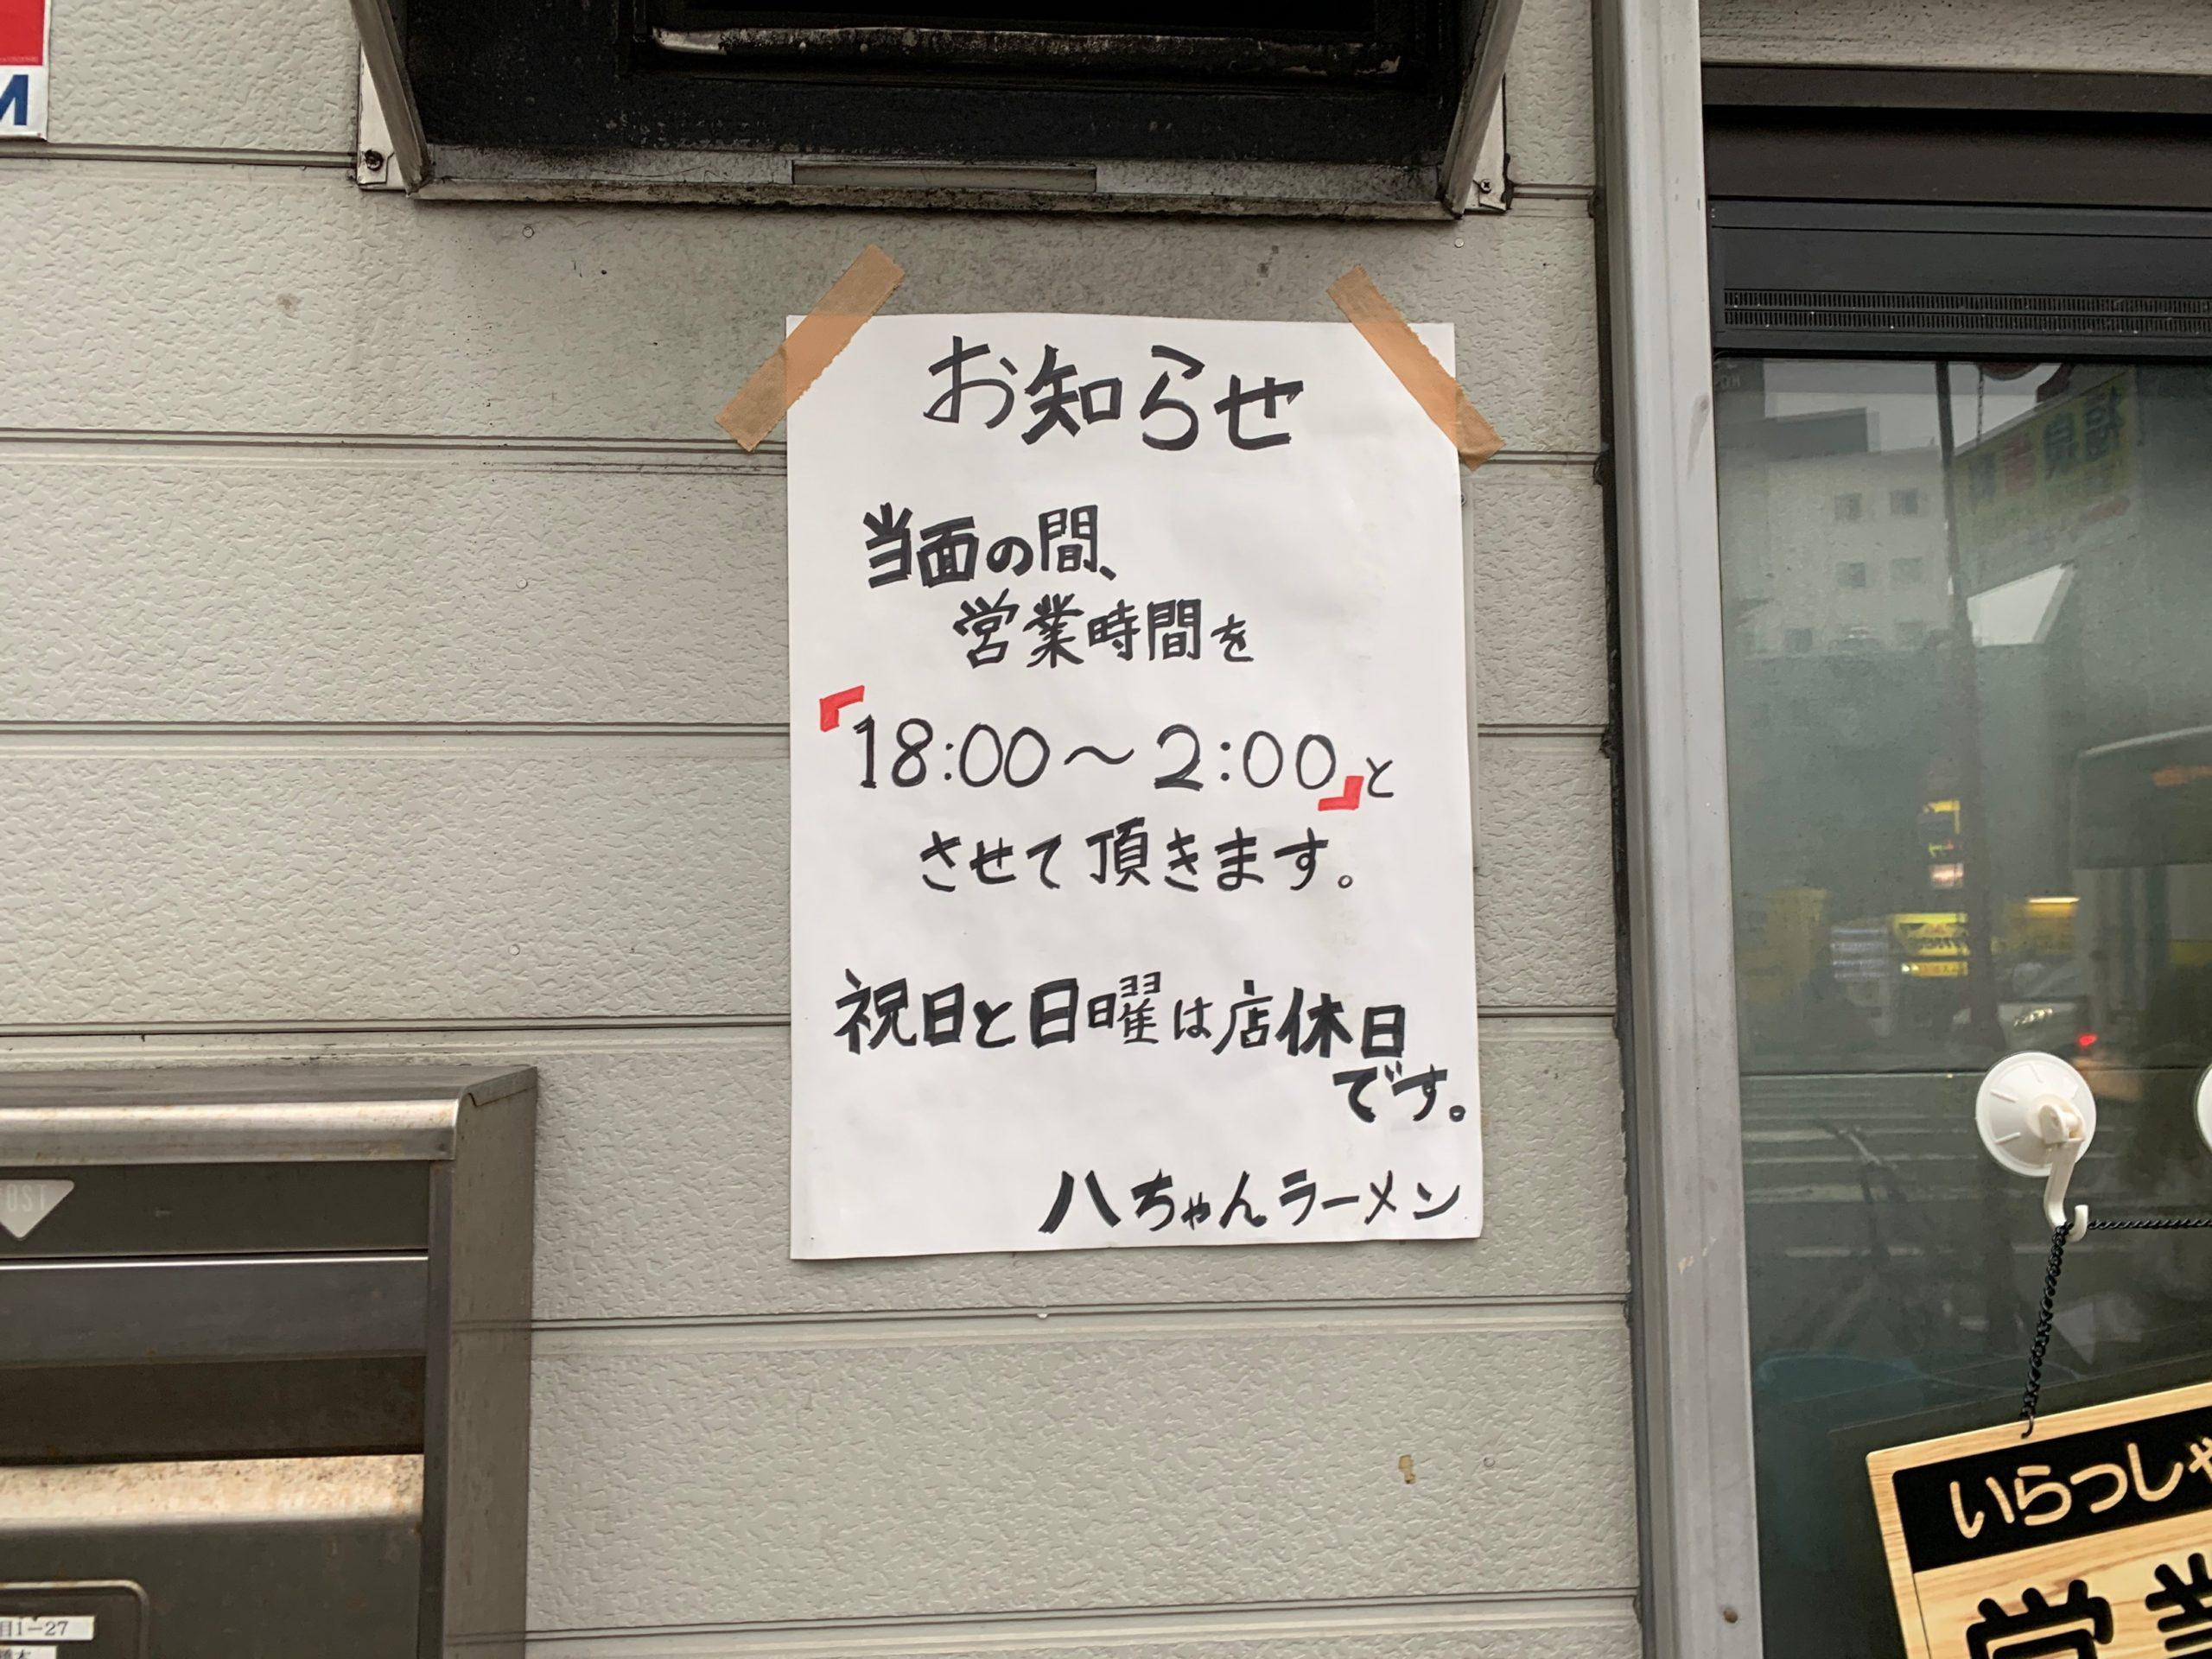 八ちゃんラーメンの営業時間